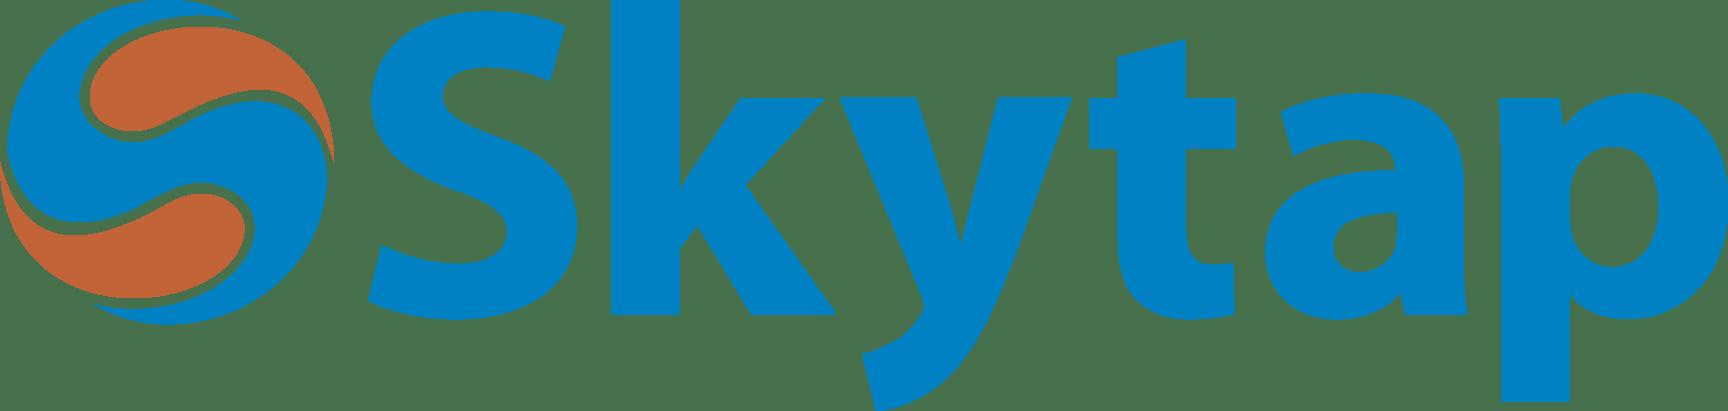 Skytap company logo